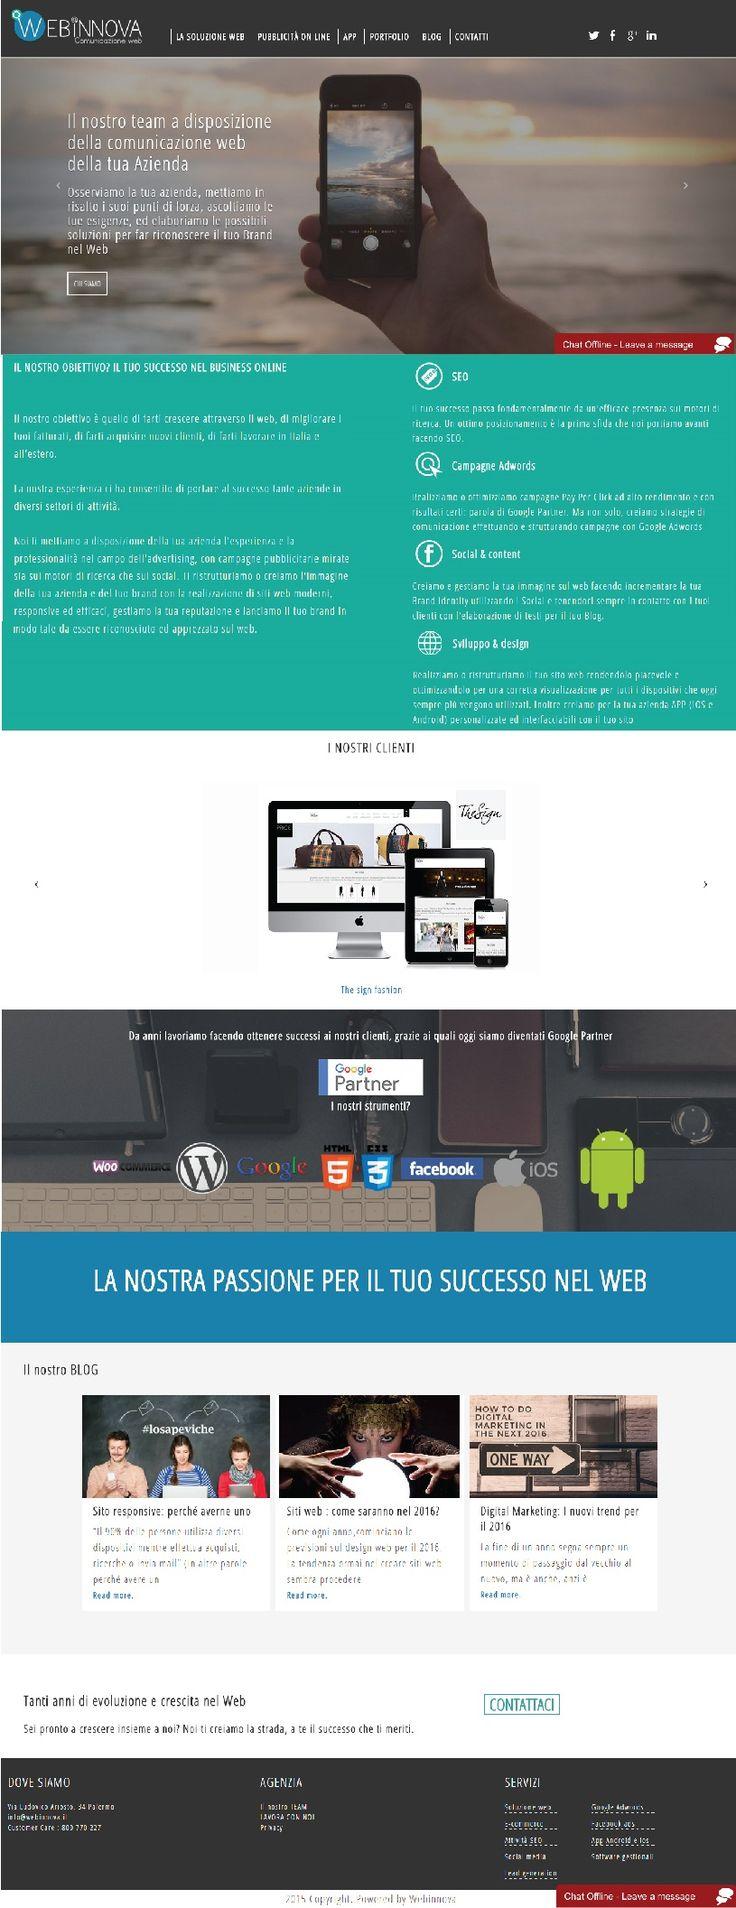 Sito #web realizzato con #Wordpress per Webinnova Solutions Ltd.